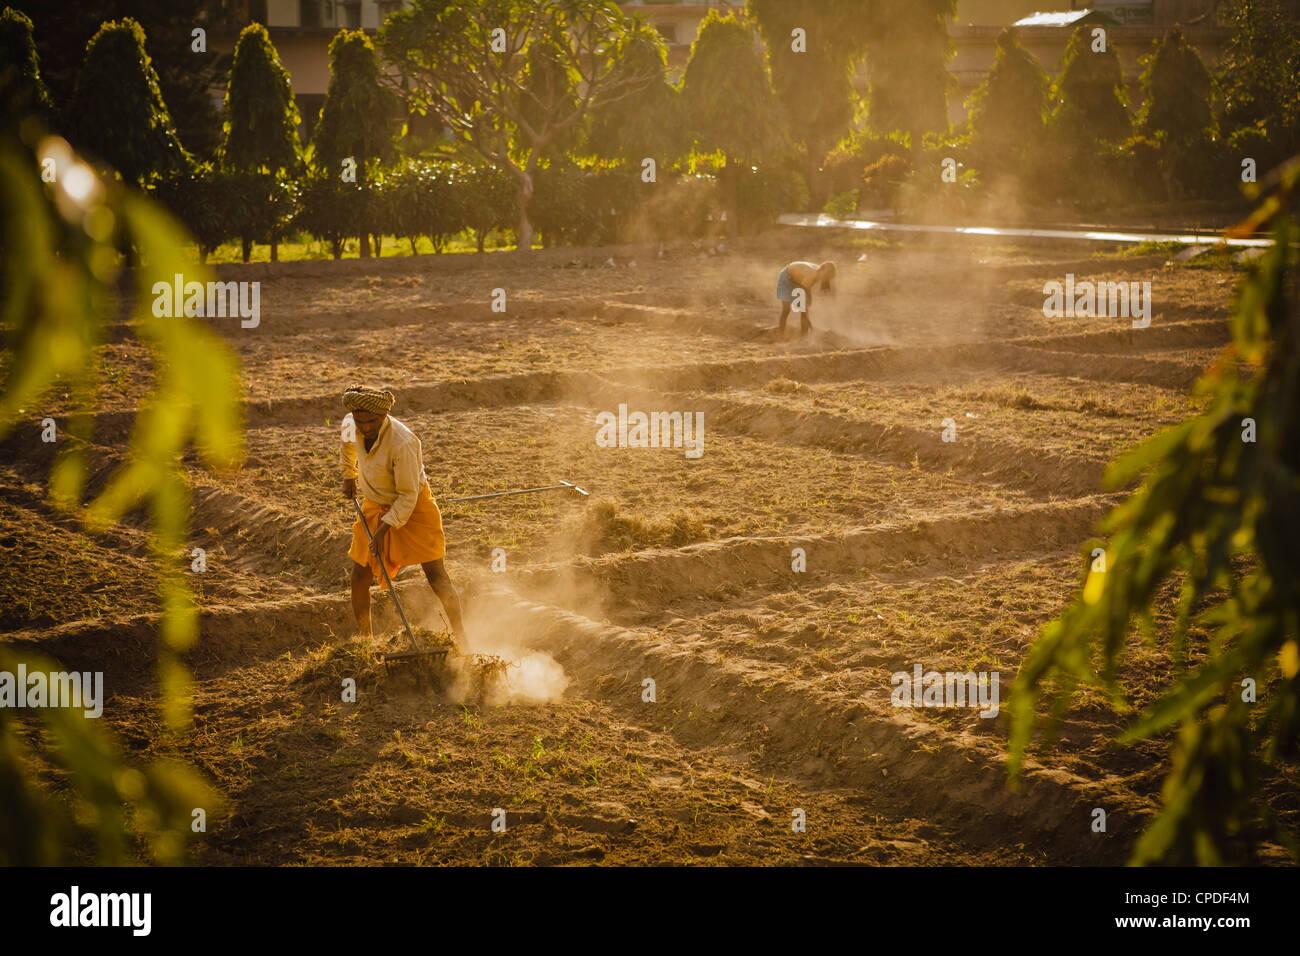 Nettoyage jardinier dans les rizières Swarg ashram, Rishikesh, Uttaranchal, Inde, Asie Banque D'Images